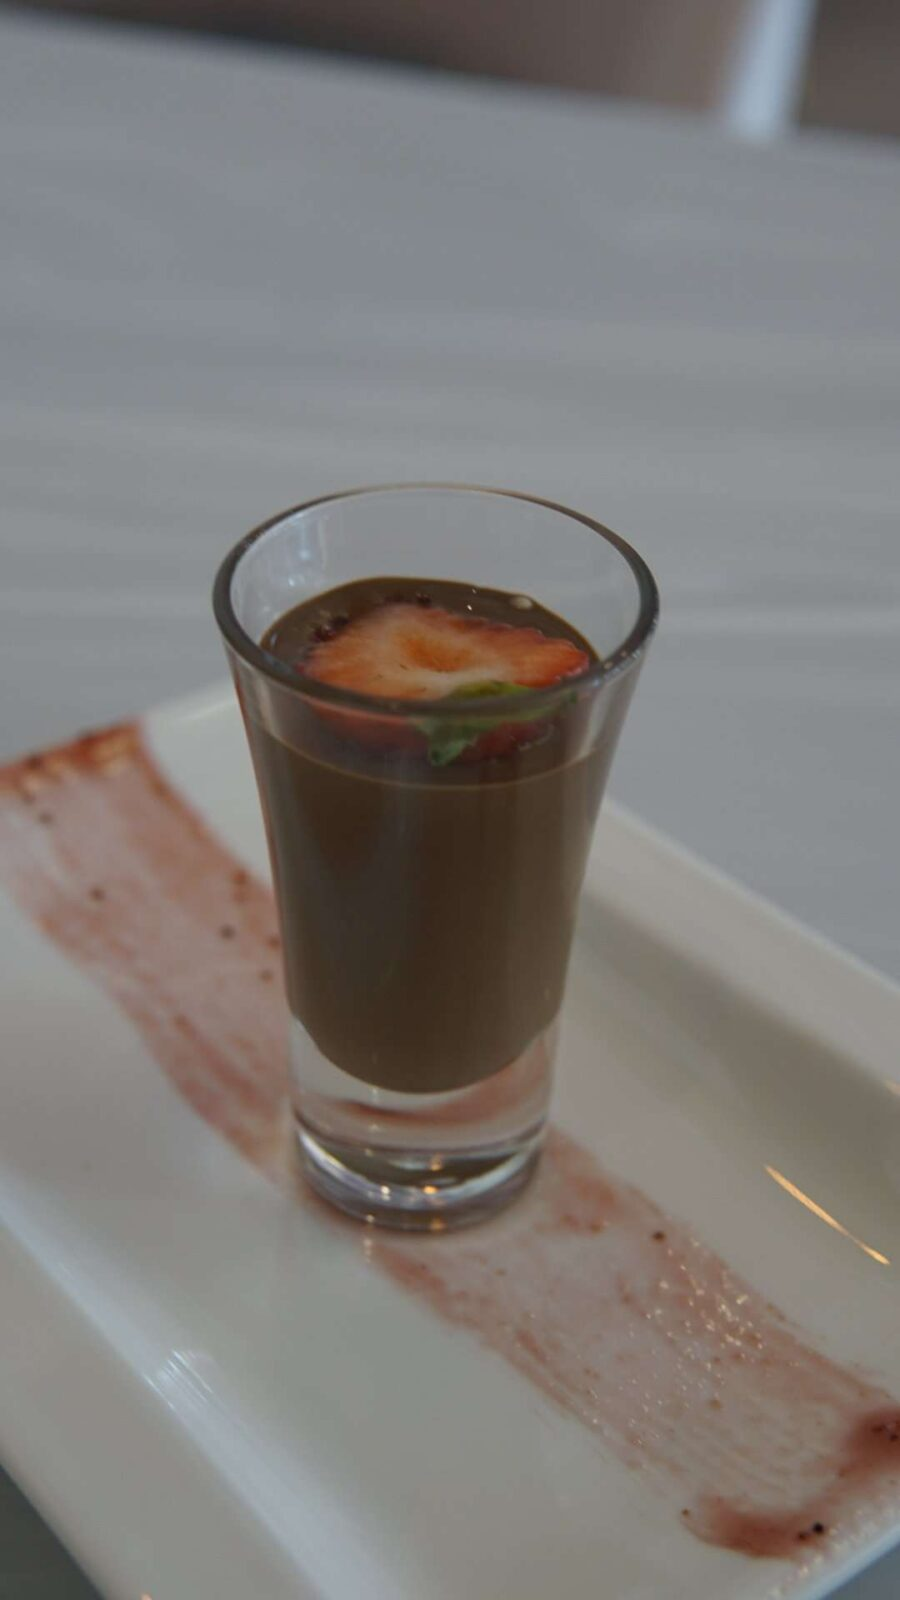 Chocoholic Shot £1.80